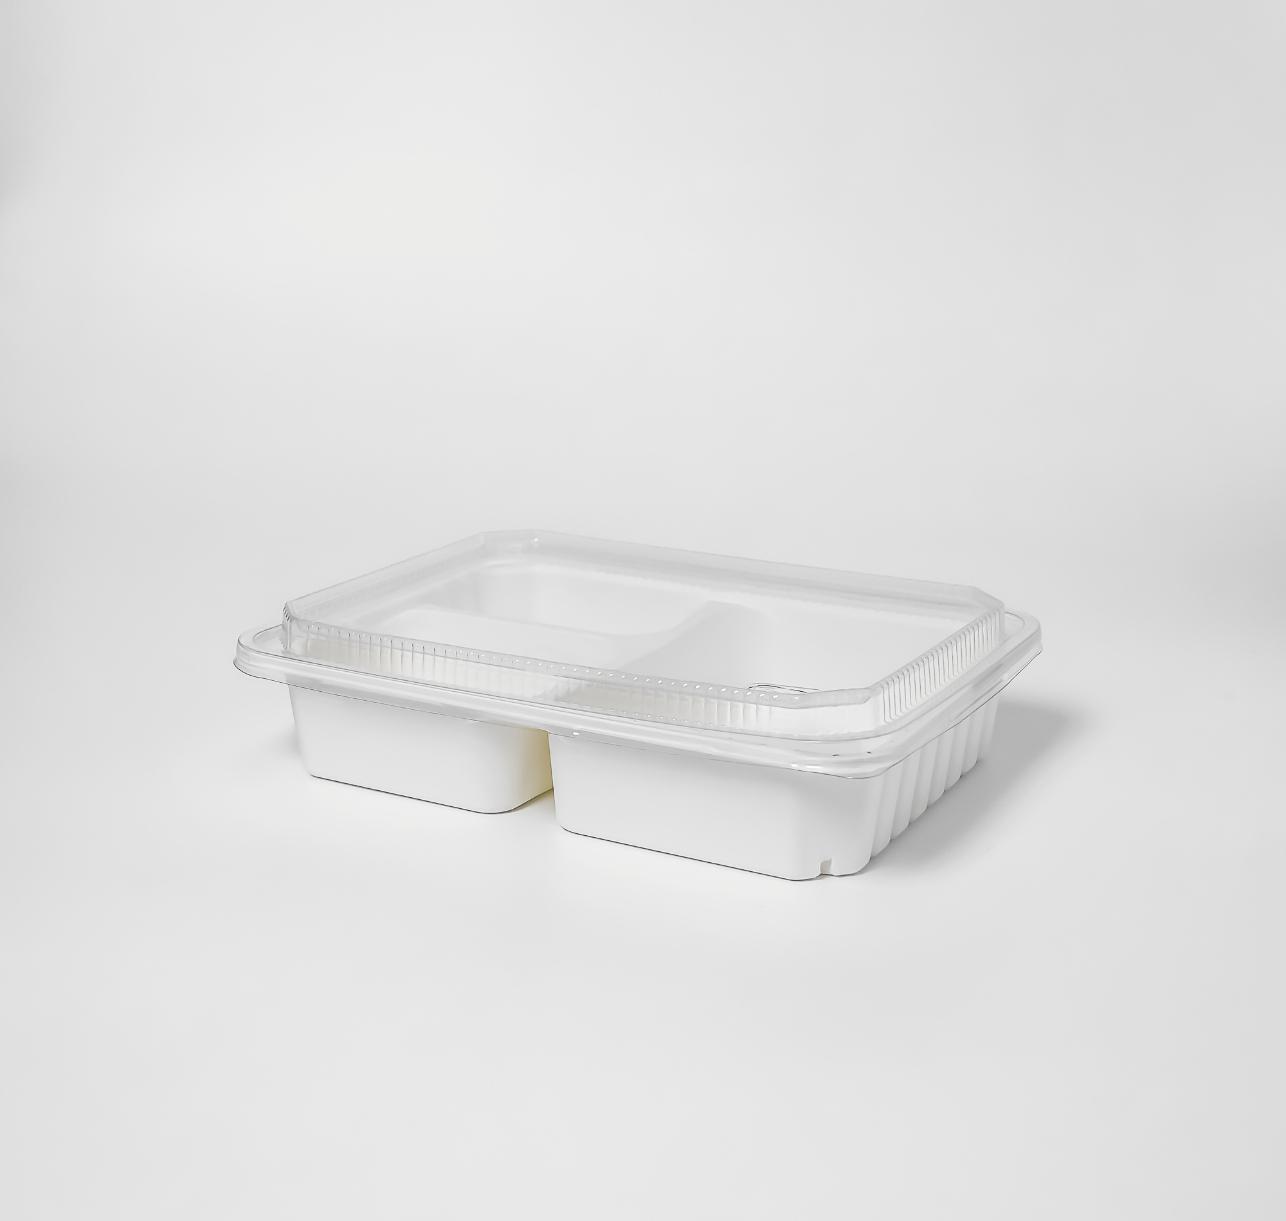 กล่องเยื่อธรรมชาติ Eco Hybrid 3 ช่อง 1000ml